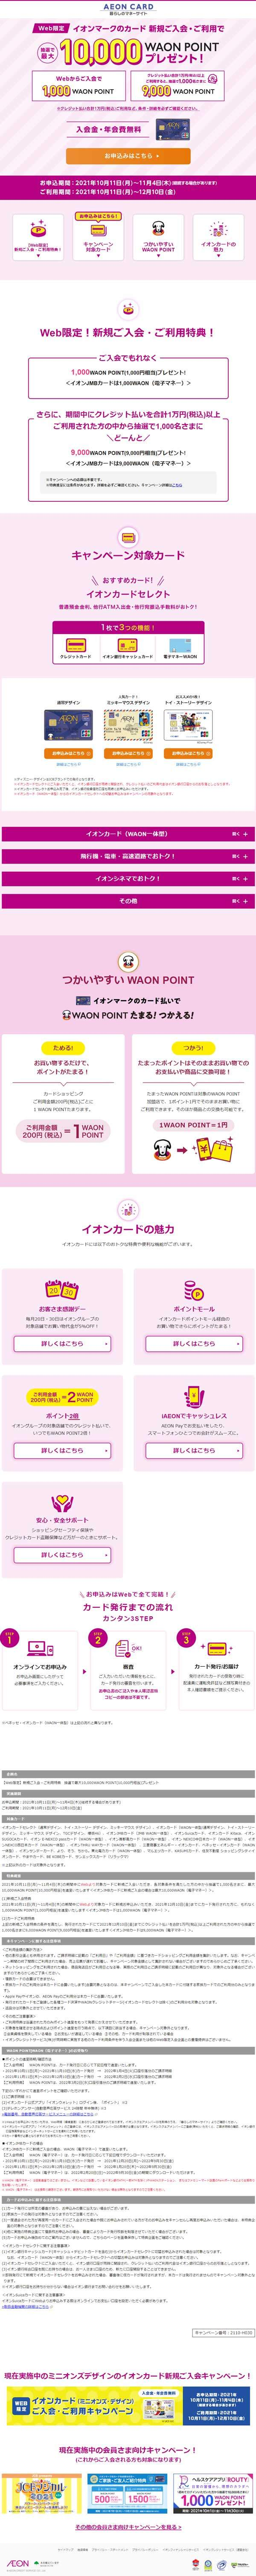 イオンカード、2021年10月11日(月)~11月4日(木) までの入会キャンペーンページのキャプチャー画像